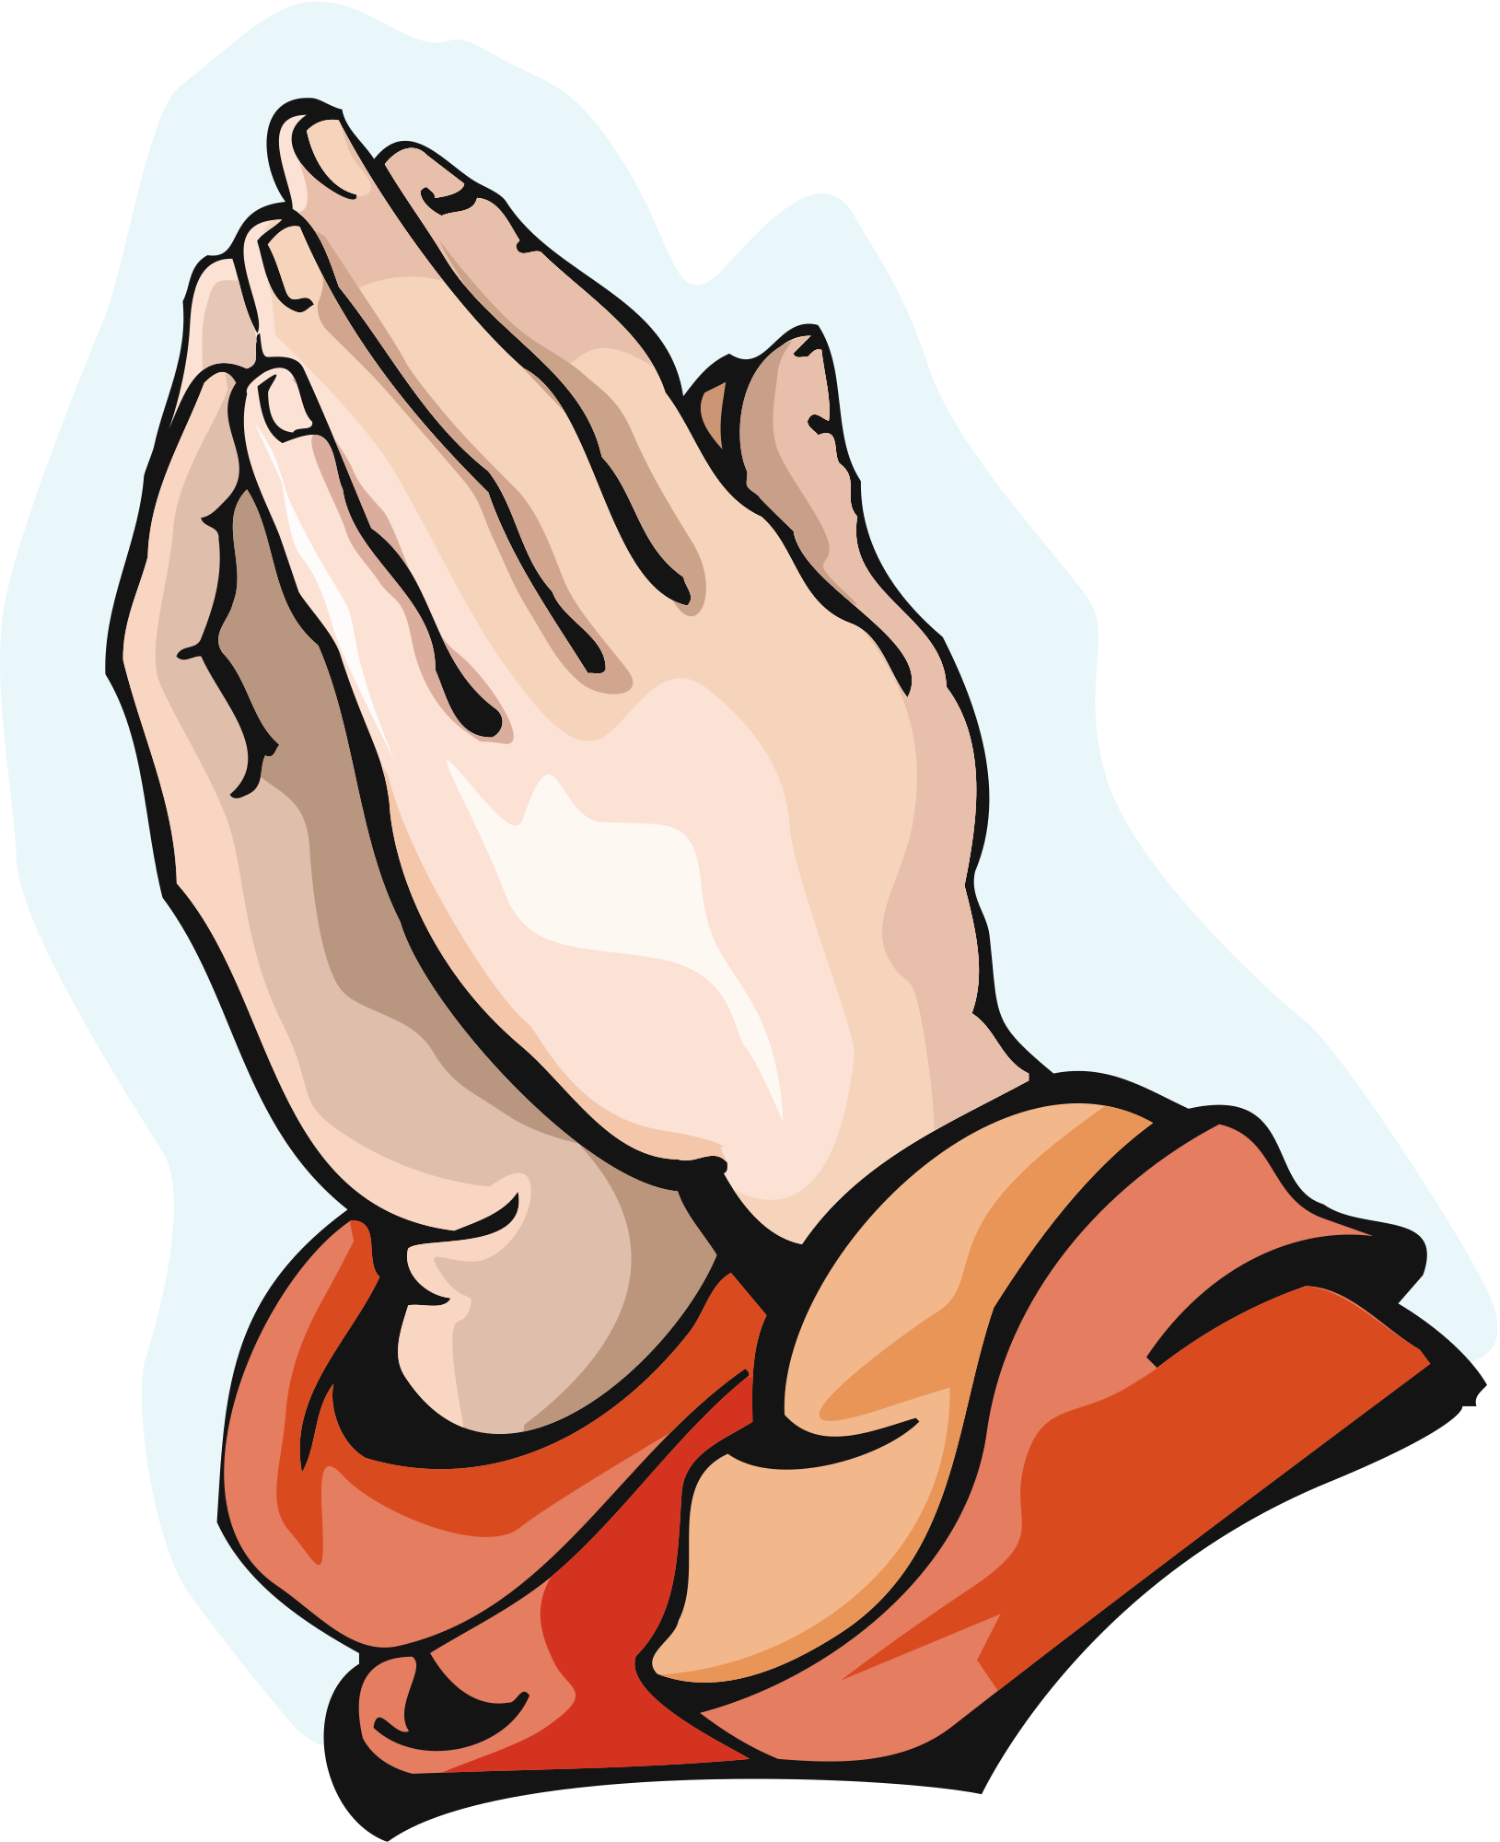 Prayer Praying Hands Clipart - Clipart Kid